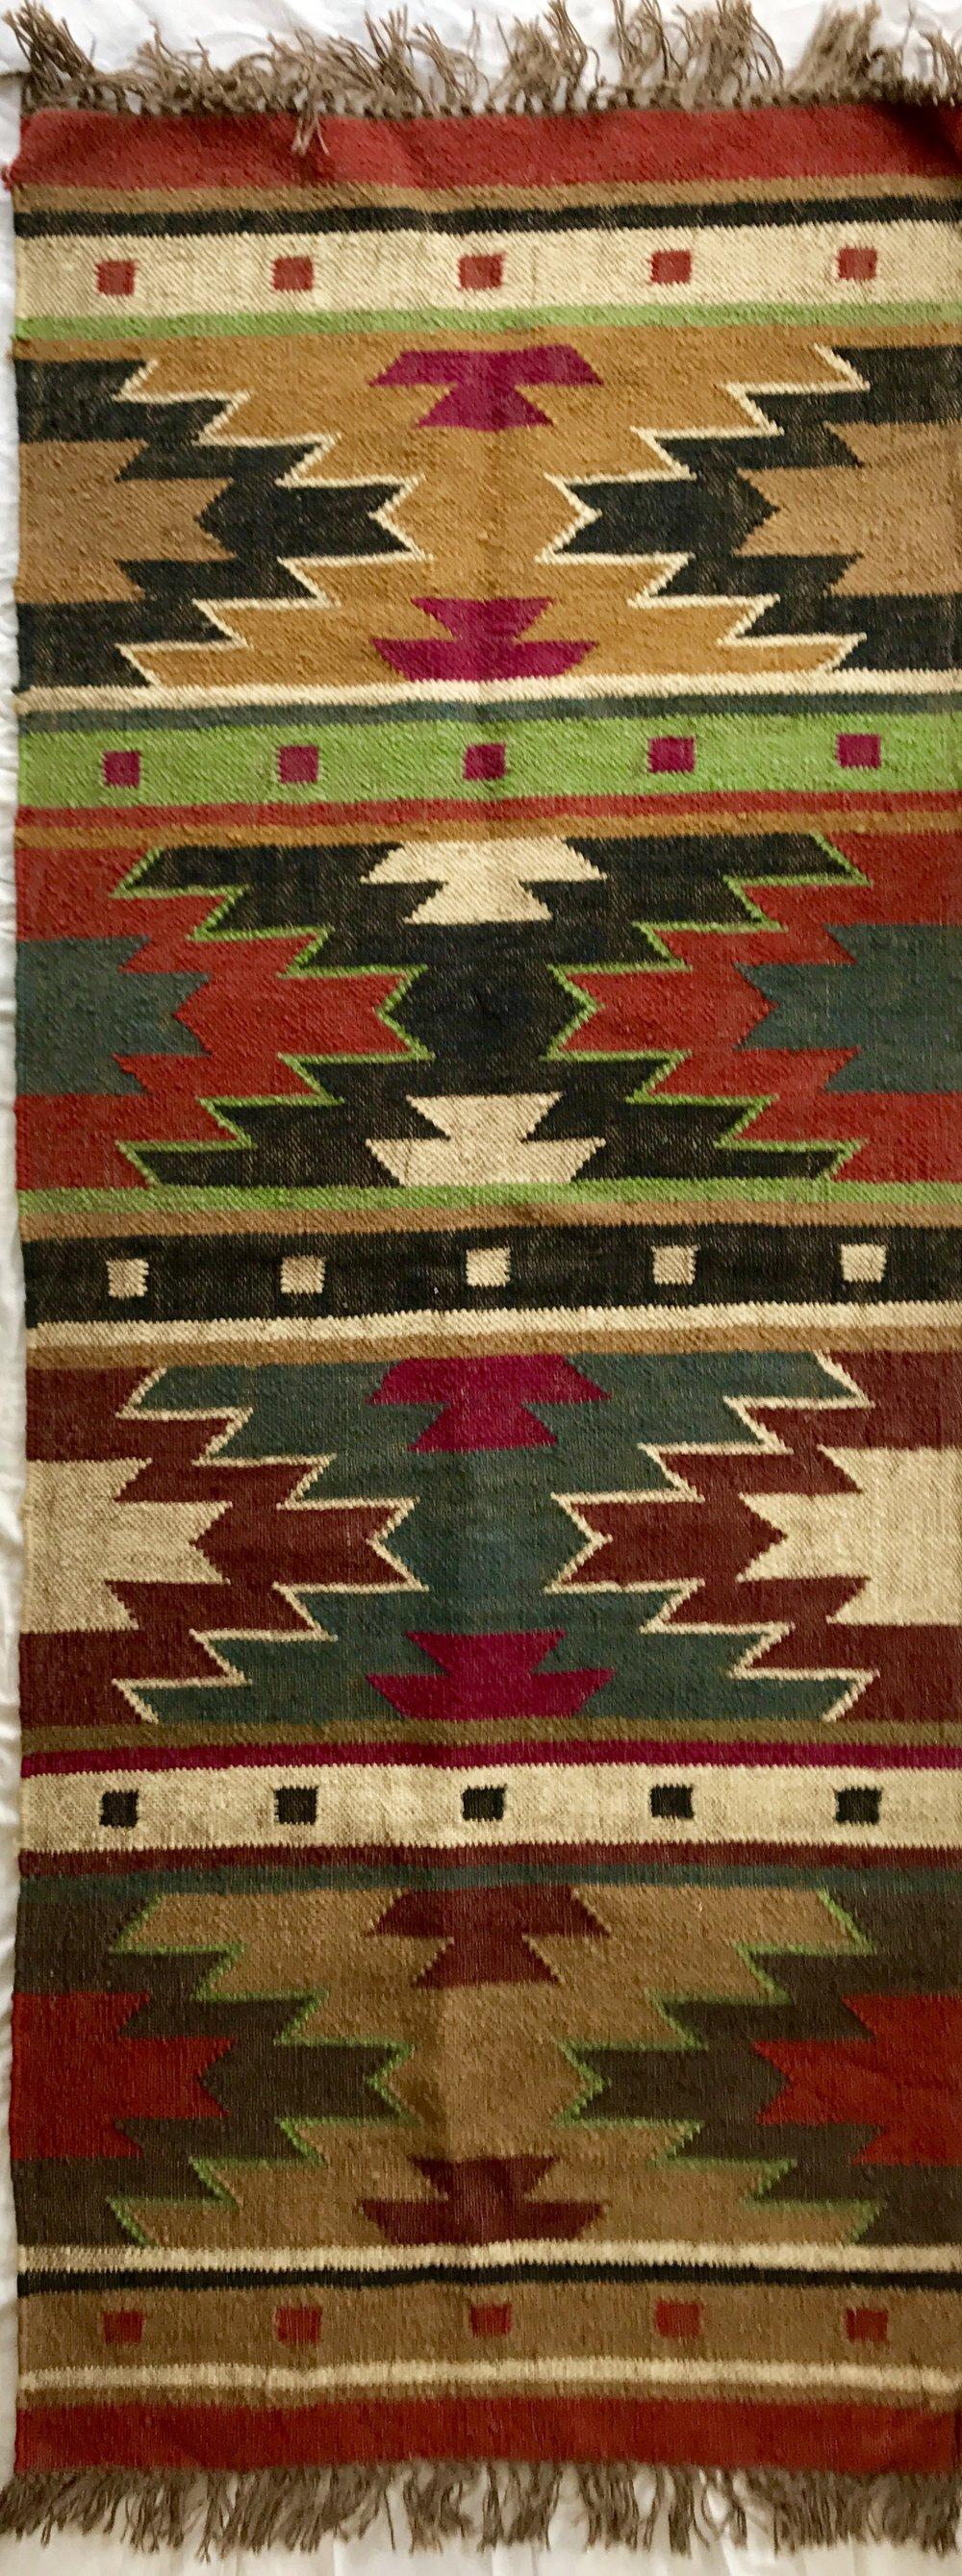 Kilim flat weave geometric rug (77 x 183 cm)